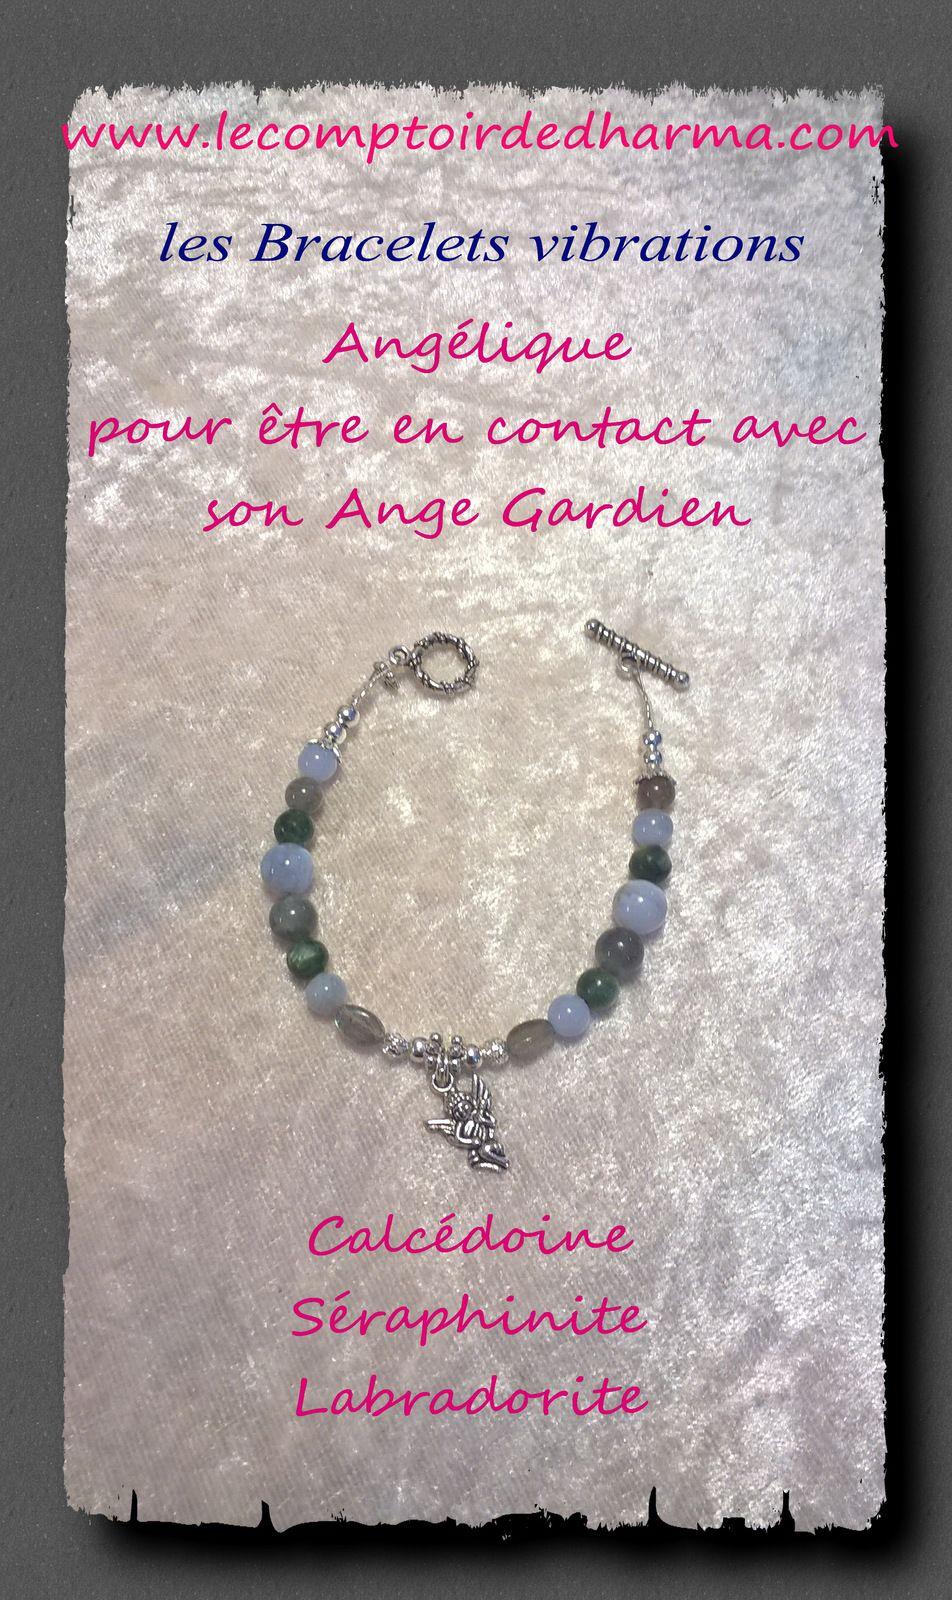 Bracelet Vibration Angélique